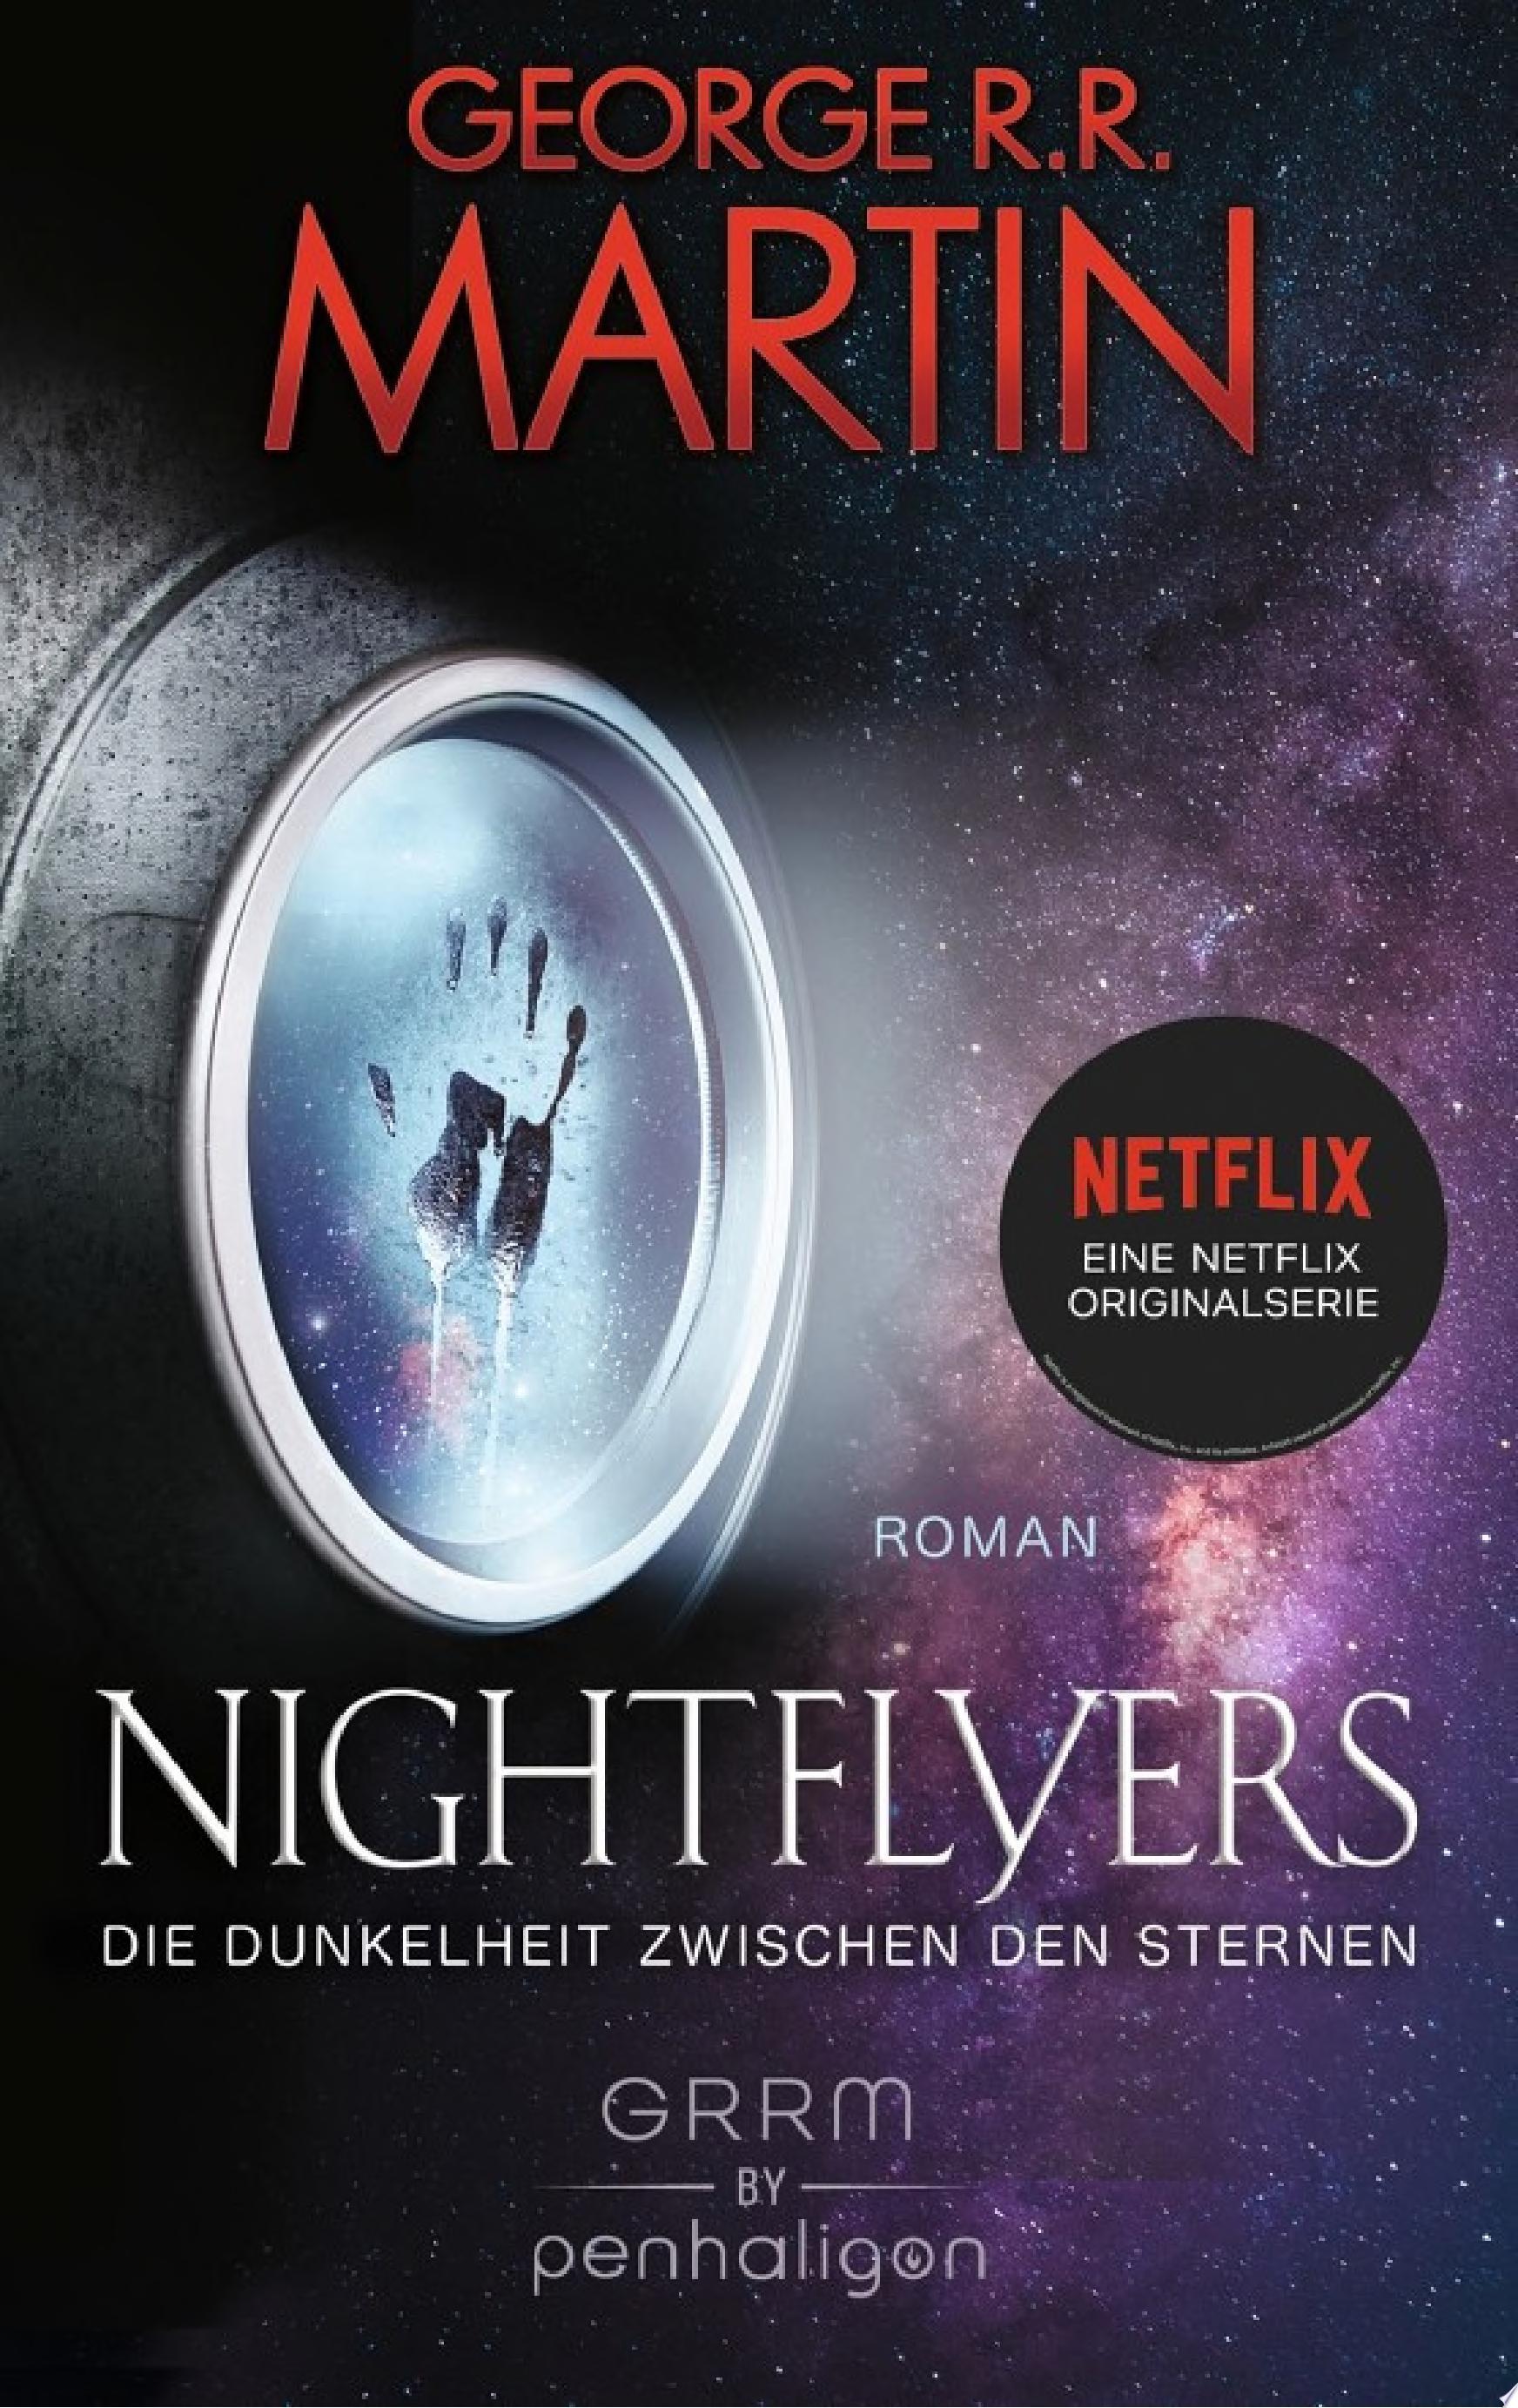 Nightflyers   Die Dunkelheit zwischen den Sternen